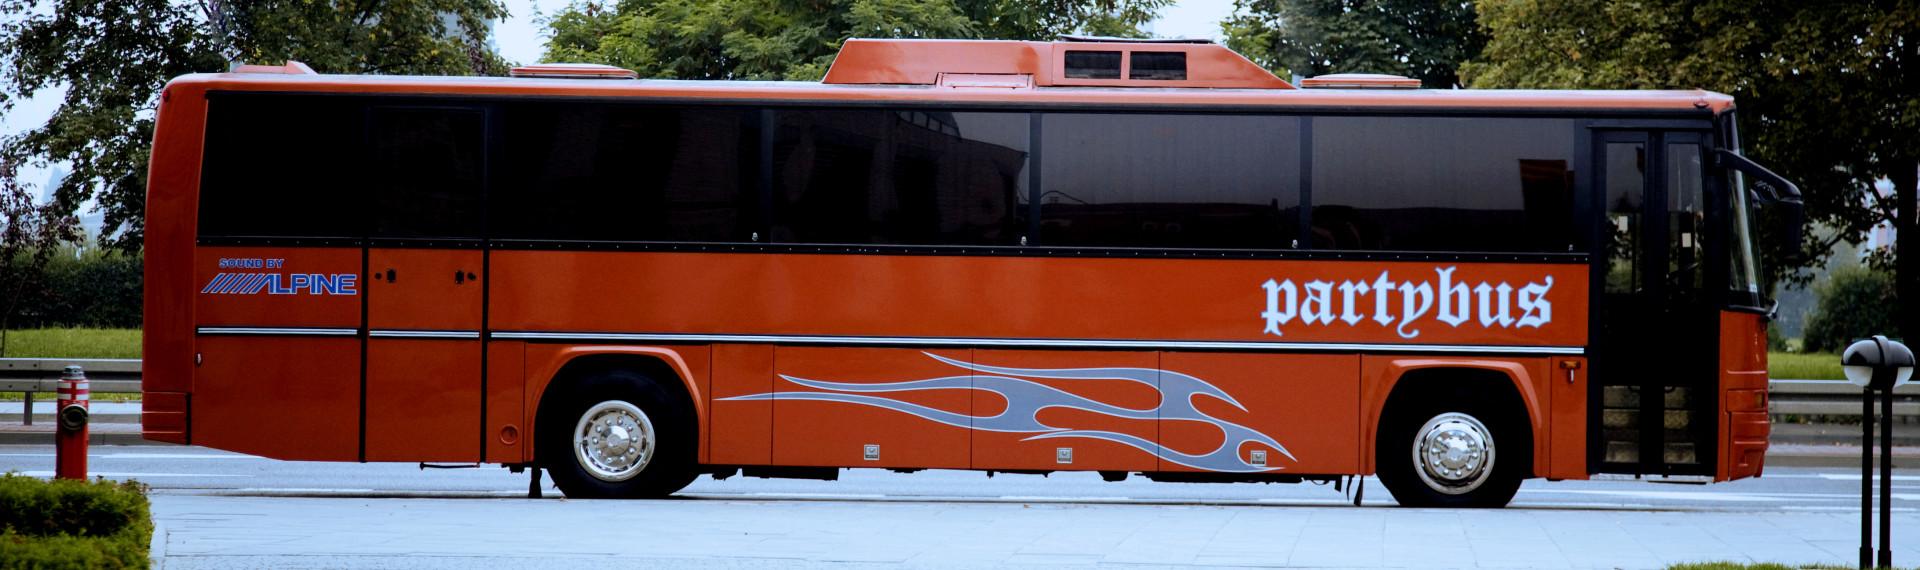 Partybus Krakow